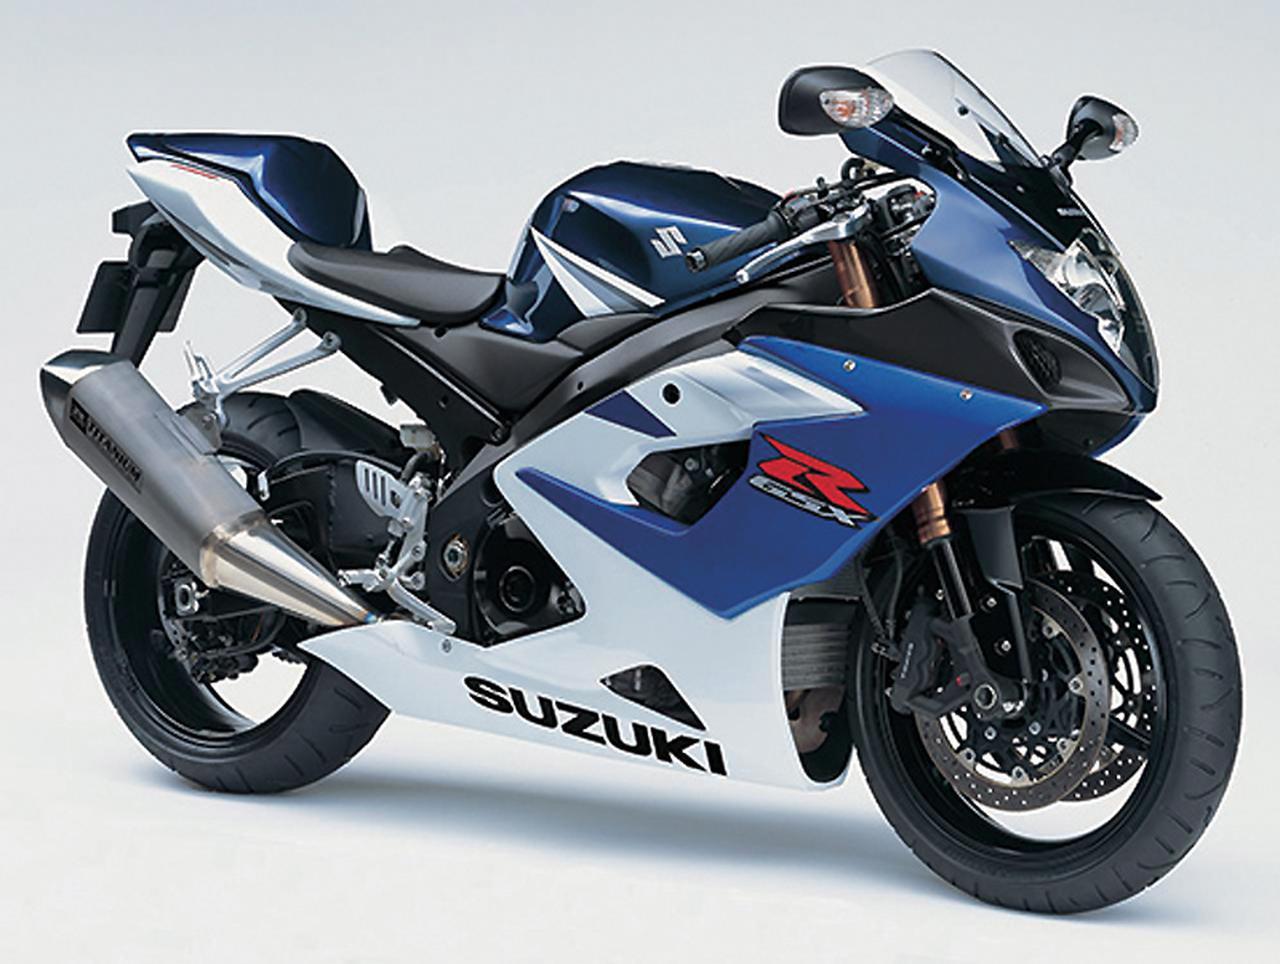 画像: スズキ「GSX-R1000R ABS」ヒストリーガイド【名車の歴史】GSX-R1000からR1000Rへの変遷を解説 - webオートバイ